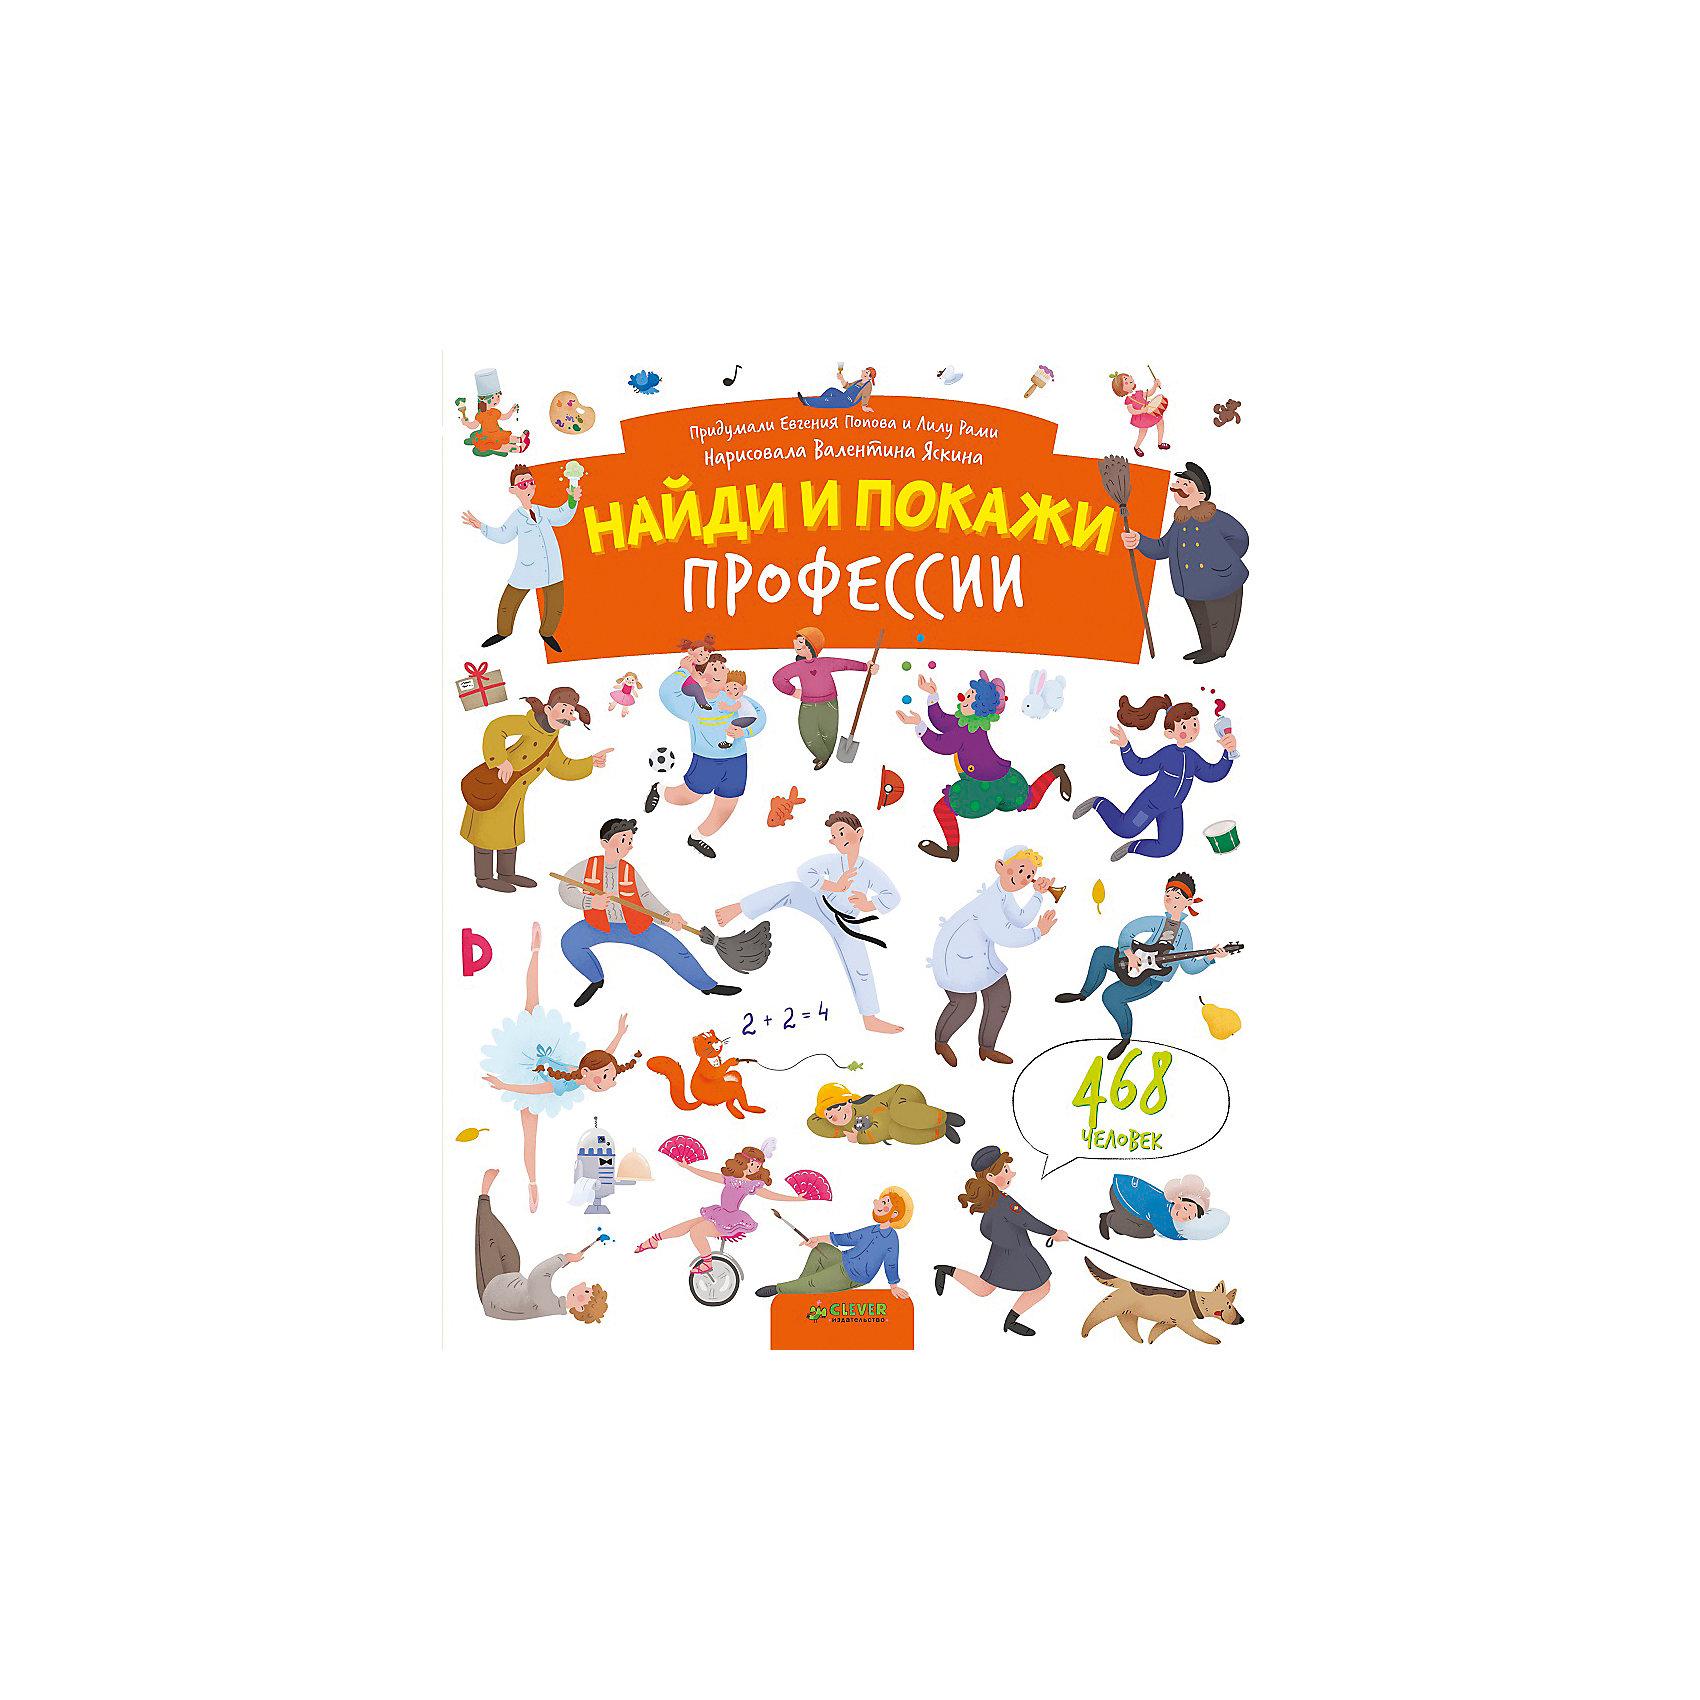 Найди и покажи Профессии, Е. Попова, Л. РамиТесты и задания<br>Данная серия изданий для подготовки к школе и начинающих учеников - это удобный формат, интересные задания и эффективный способ для ребенка провести время с пользой! Интеллект и способности ребенка нужно развивать - и тогда он в дальнейшем сможет освоить больше полезных навыков и знаний. Сделать это занятие интересным и легким поможет данное издание. В нем - множество картинок с мелкими деталями, которые надо разглядеть.<br>В нем с помощью занимательных заданий опытные педагоги помогают детям развить логику, внимательность и навыки мышления, необходимые в начальной школе. Они также позволяют делать зарядку для глаз. С помощью этих заданий ребенок узнает о многих профессиях!<br><br>Дополнительная информация:<br><br>формат: 24 х 30 см;<br>страниц: 30;<br>твердый переплет.<br><br>Издание Найди и покажи Профессии, Е. Попова, Л. Рами можно купить в нашем интернет-магазине.<br><br>Ширина мм: 300<br>Глубина мм: 245<br>Высота мм: 8<br>Вес г: 430<br>Возраст от месяцев: 48<br>Возраст до месяцев: 72<br>Пол: Унисекс<br>Возраст: Детский<br>SKU: 4976168